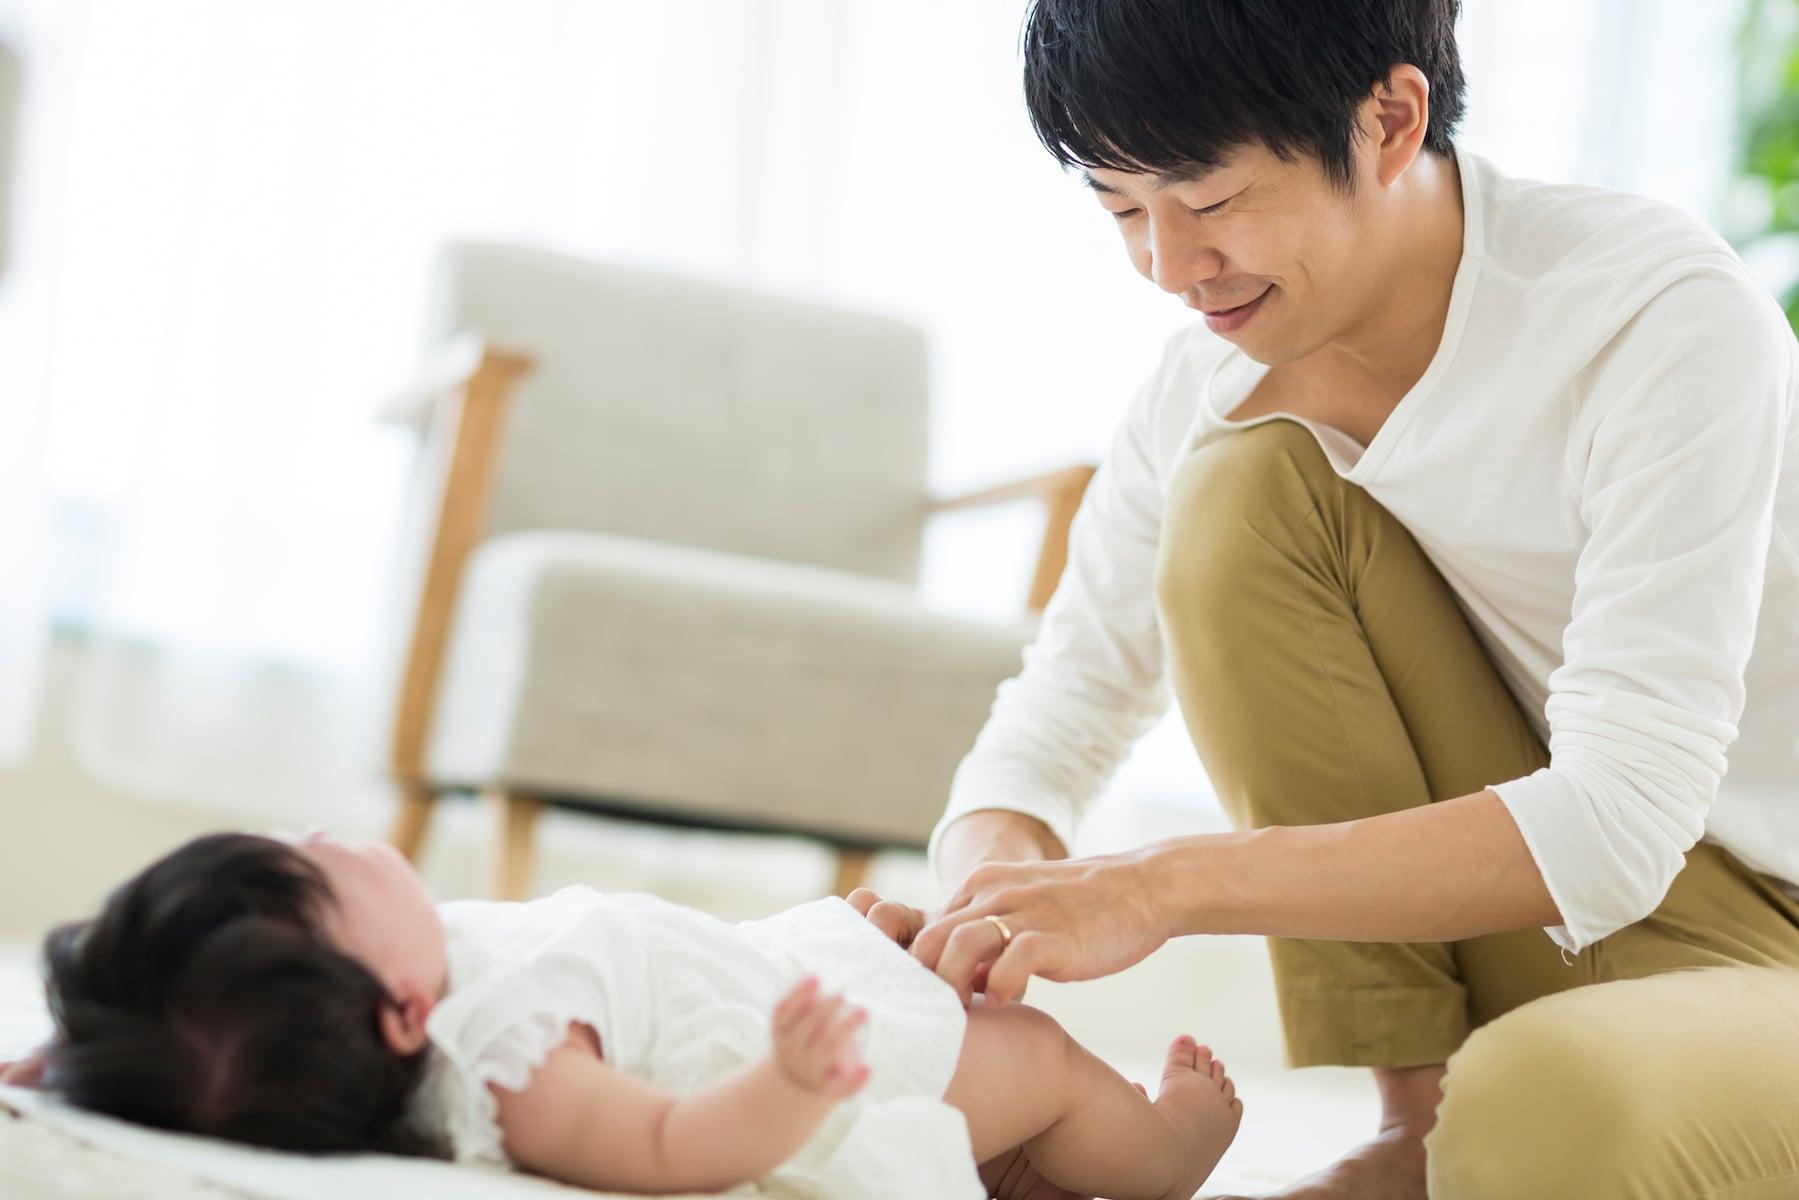 父親 パパ ママ 育児 赤ちゃん おむつ交換